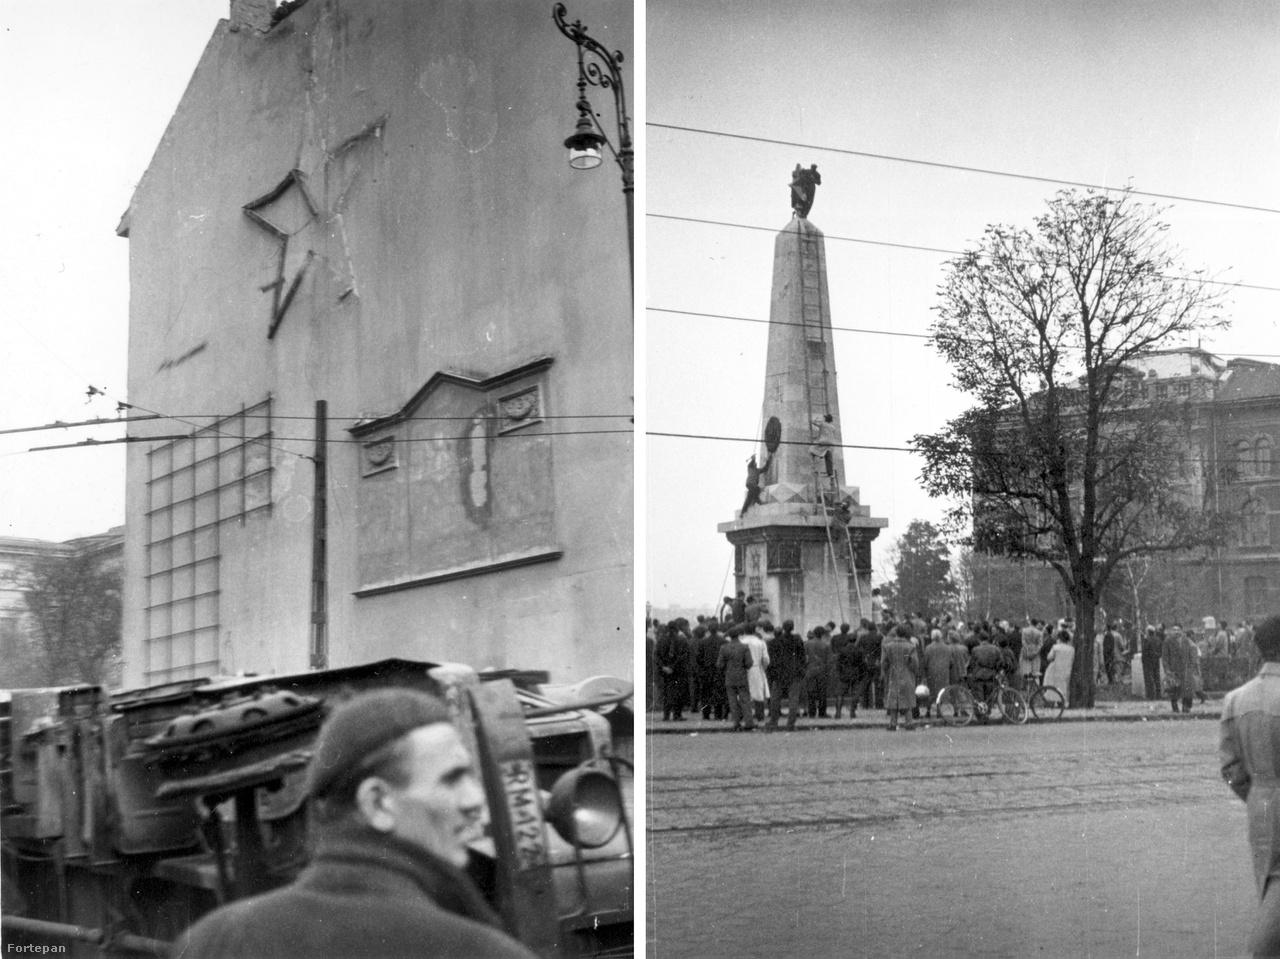 Balra a Kálvin tér tűzfala a félig már levert vöröscsillaggal, előtte felborított rendőrségi teherautó; jobbra a Gellért tér szovjet katonai emlékművéről szedik le éppen a csillagot és a szovjet címert.